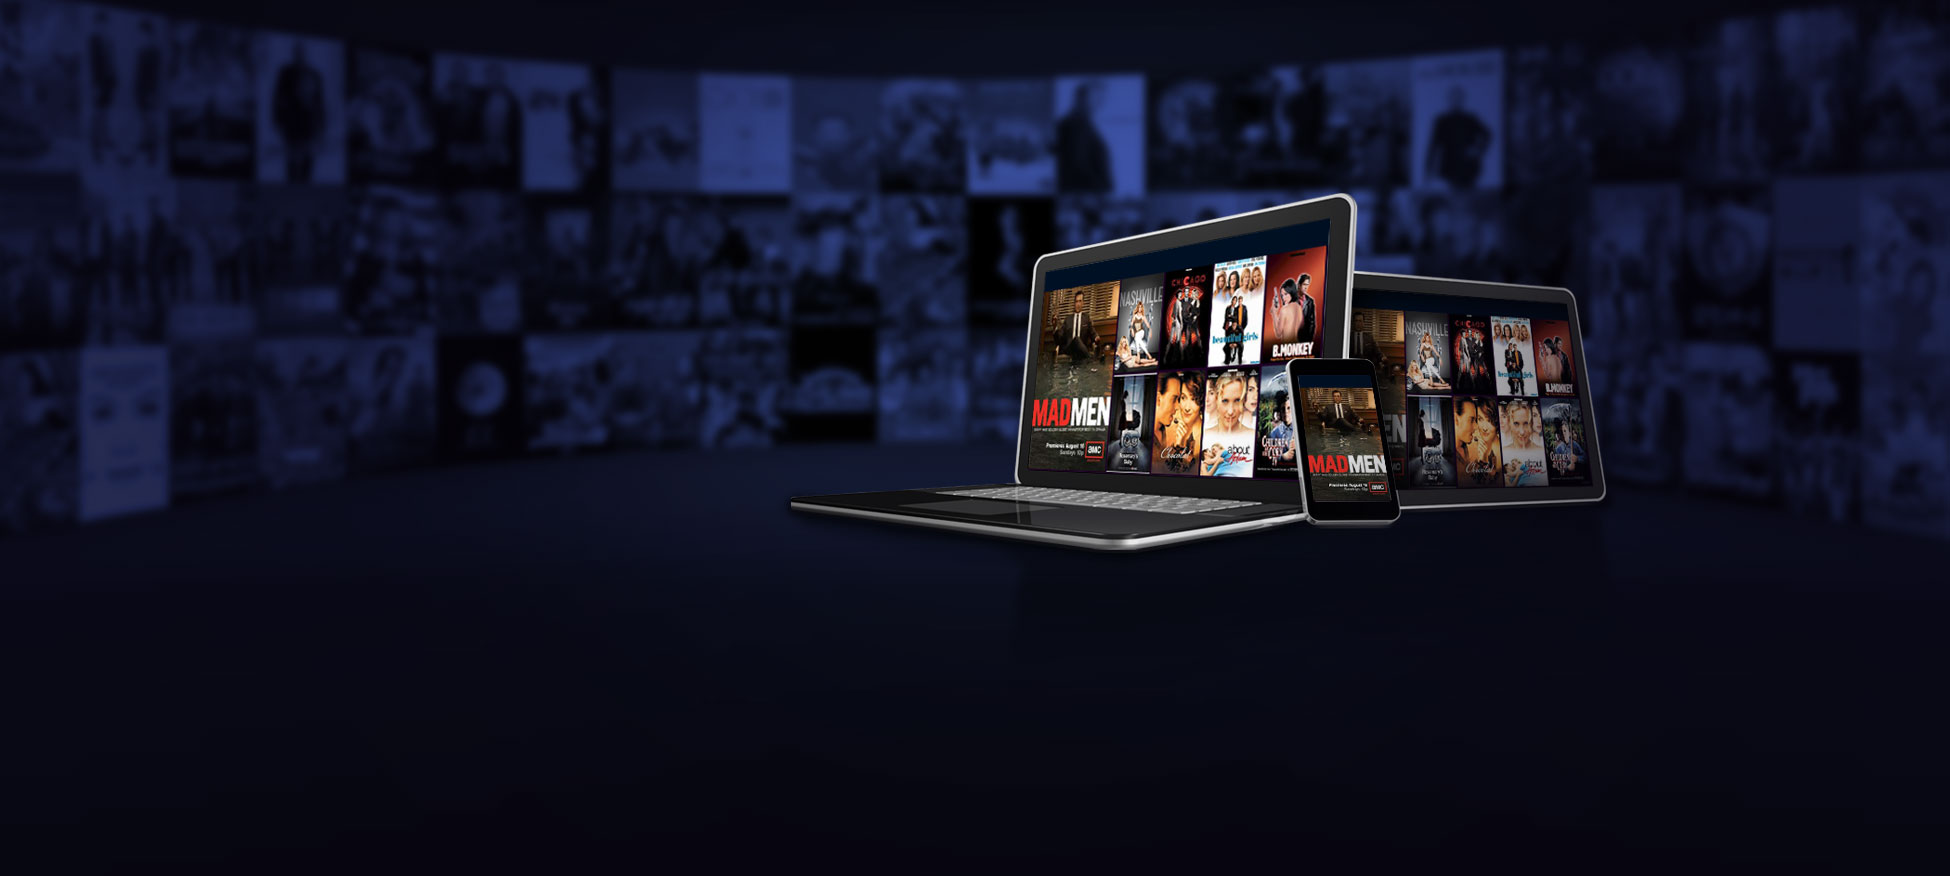 معرفی یکی از بهترین سایتهای تماشای آنلاین فیلم و سریال (( کاملا رایگان ))